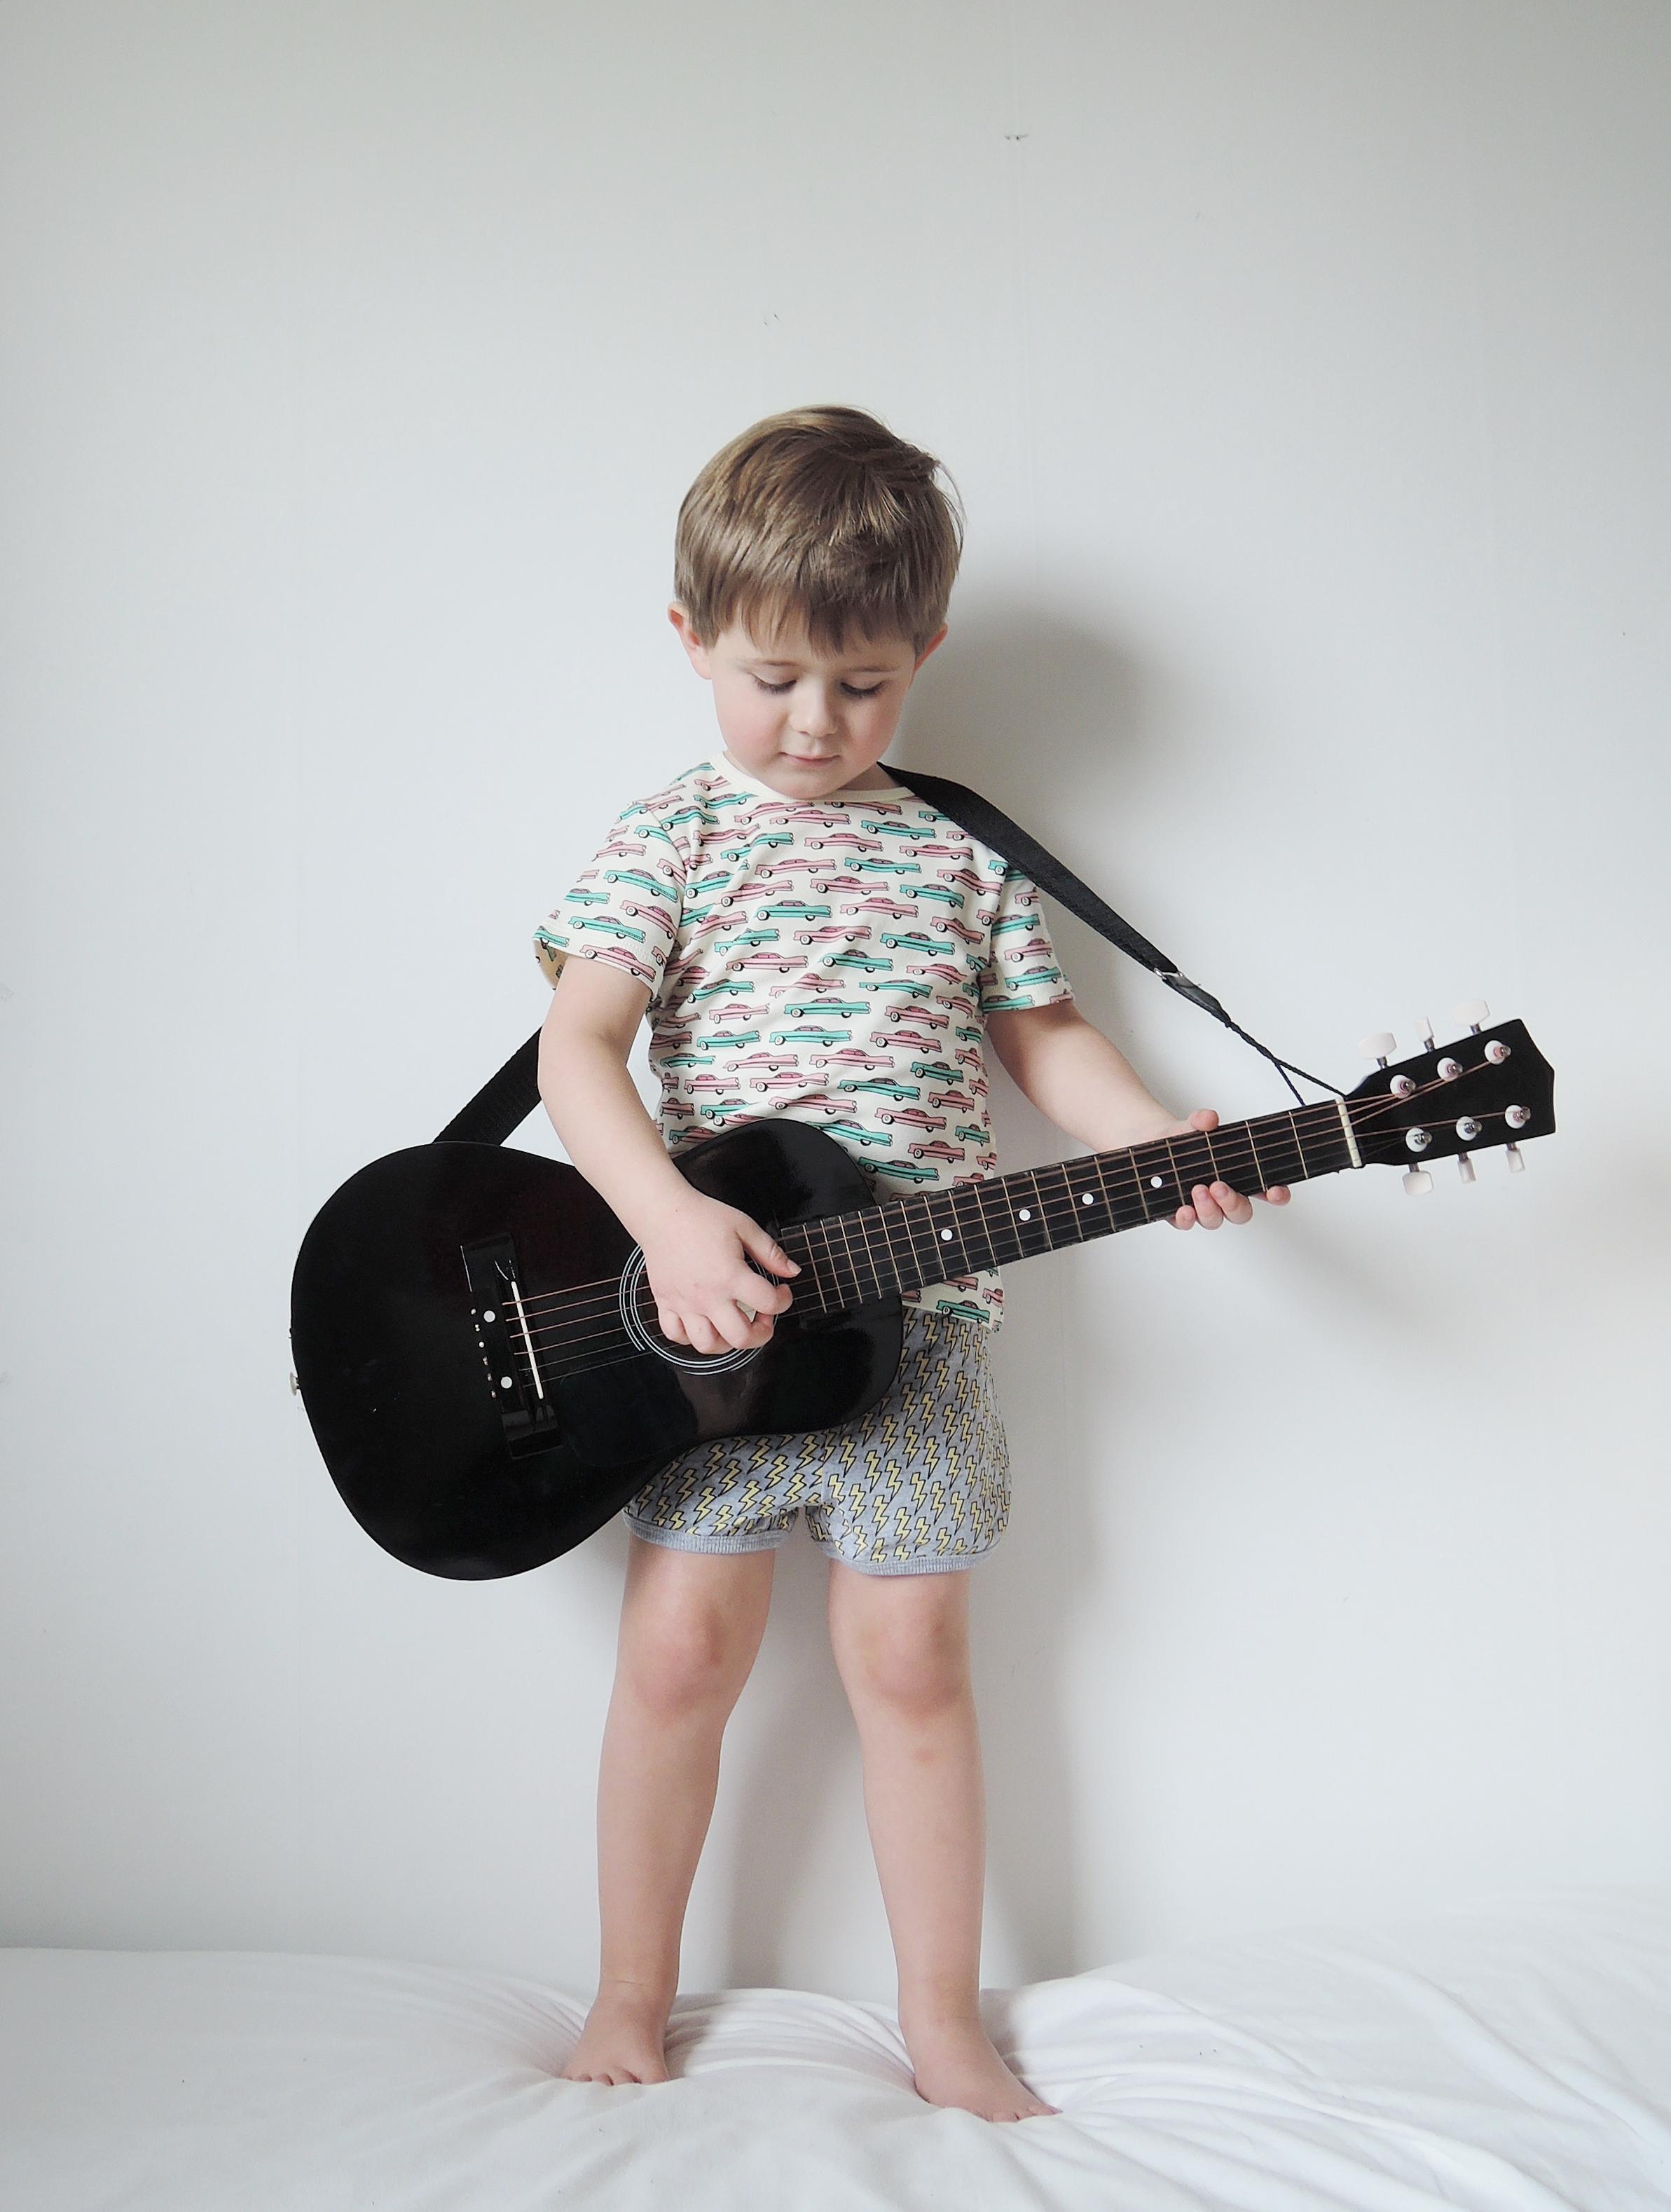 lennon spelar gitarr